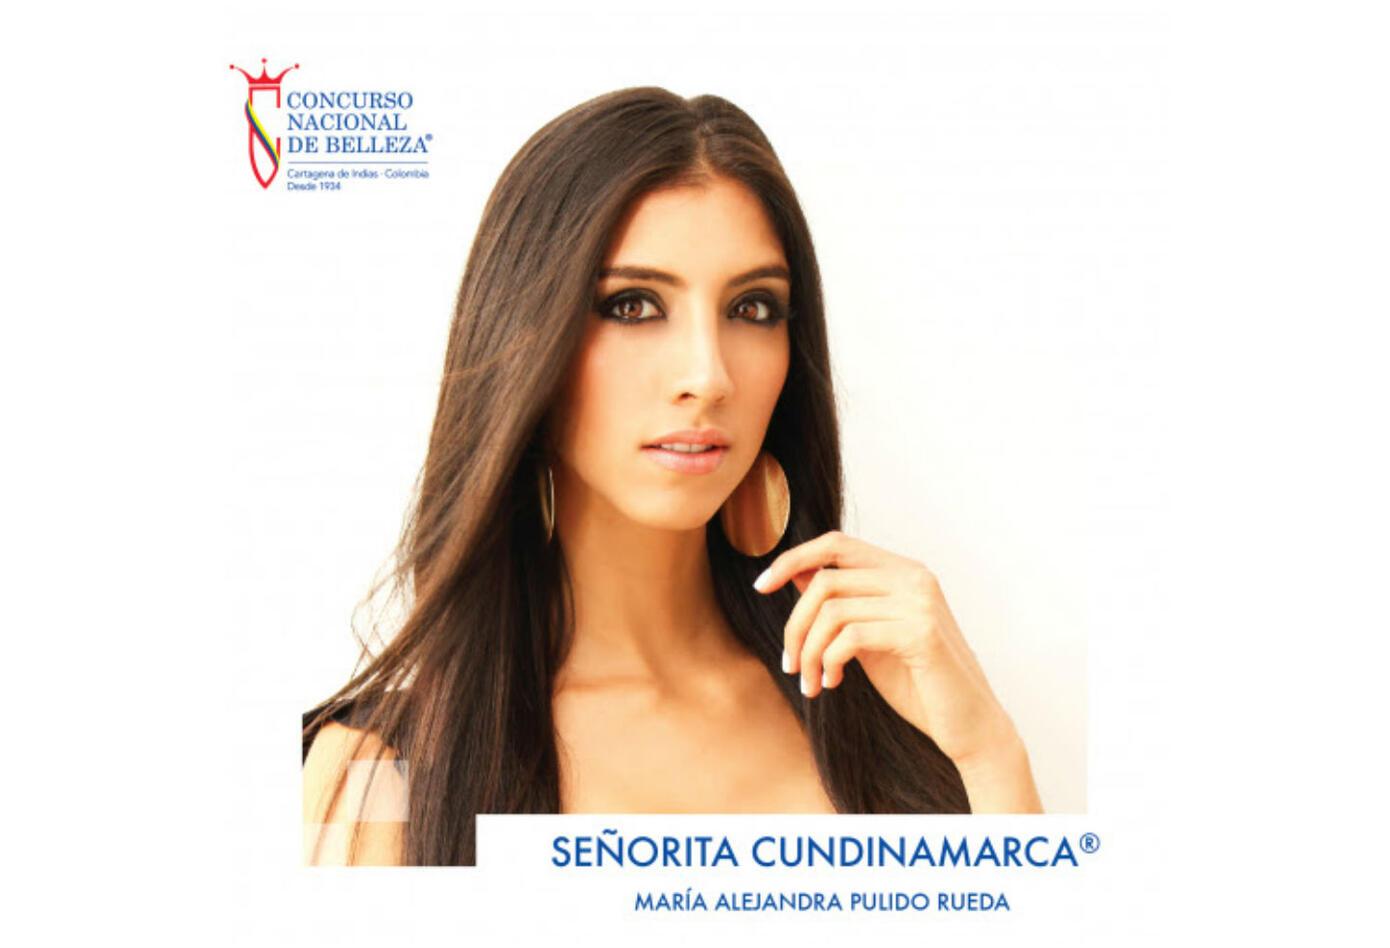 María Alejandra Pulido, señorita Cundinamarca 2019